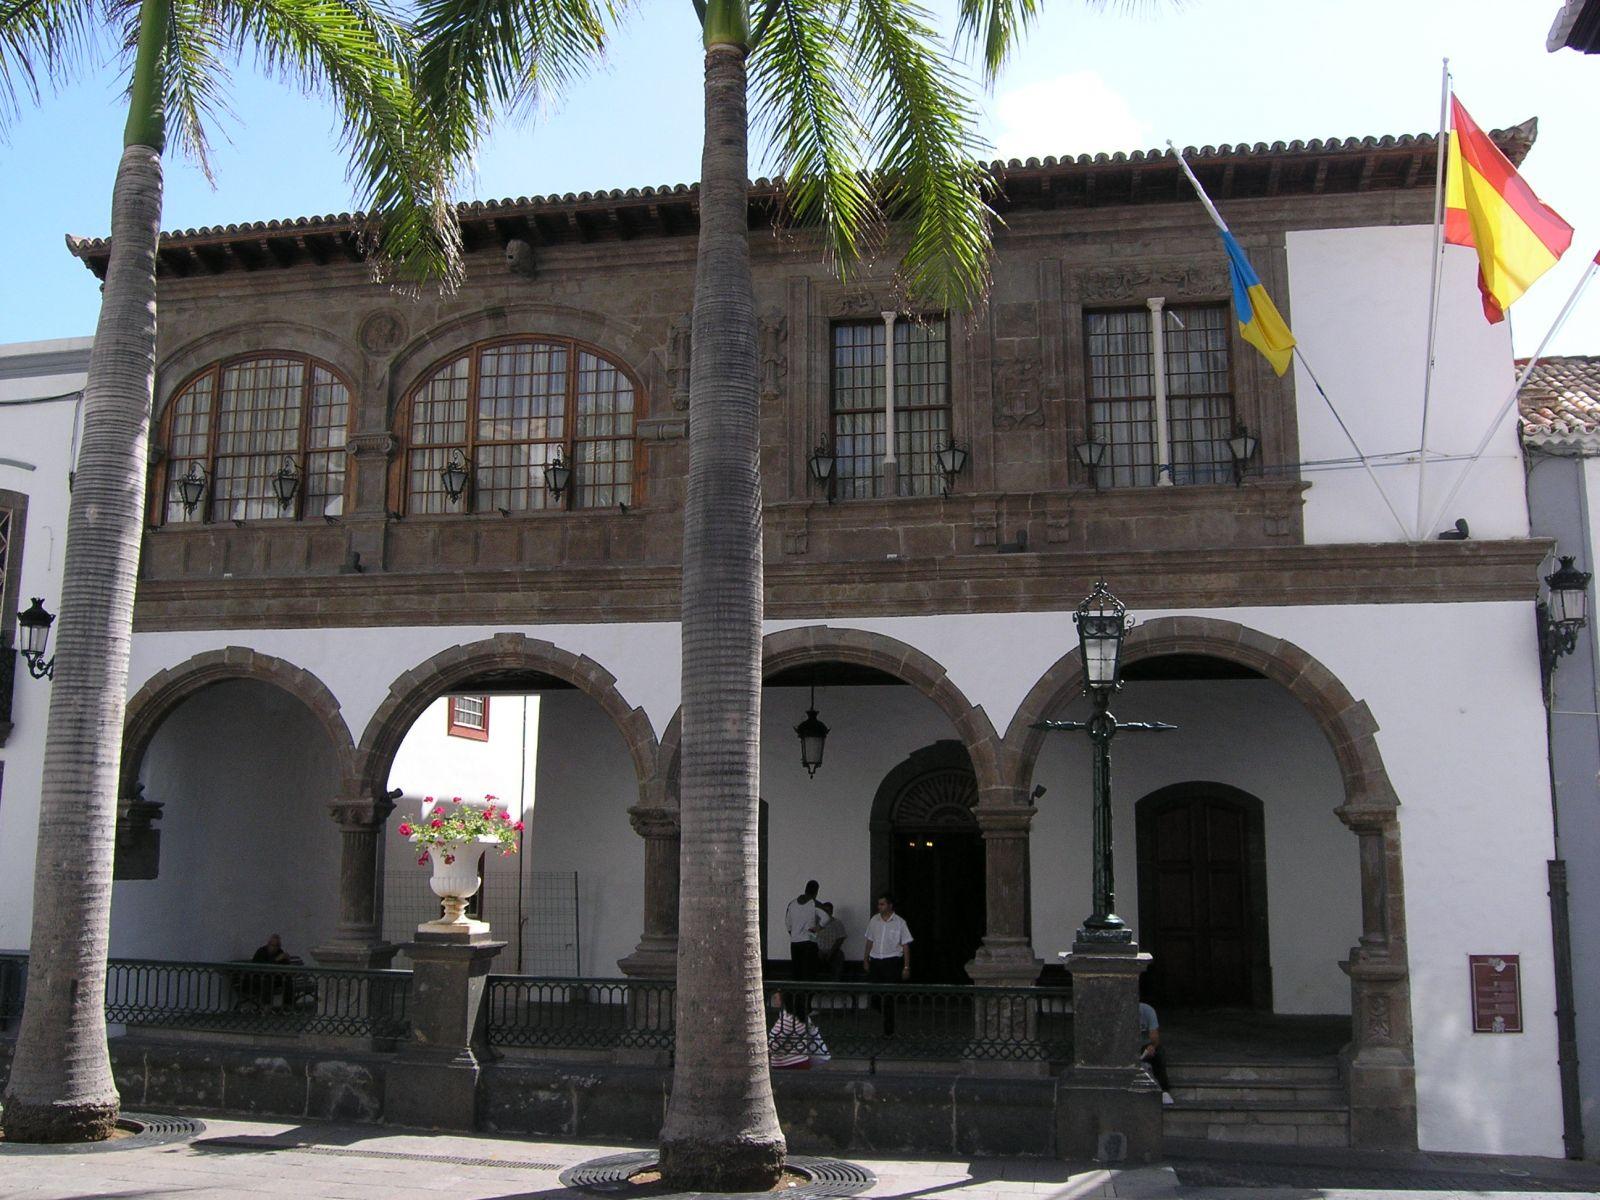 Casas consistoriales ayuntamiento de santa cruz de la palma - Casas rurales en santa cruz de la palma ...